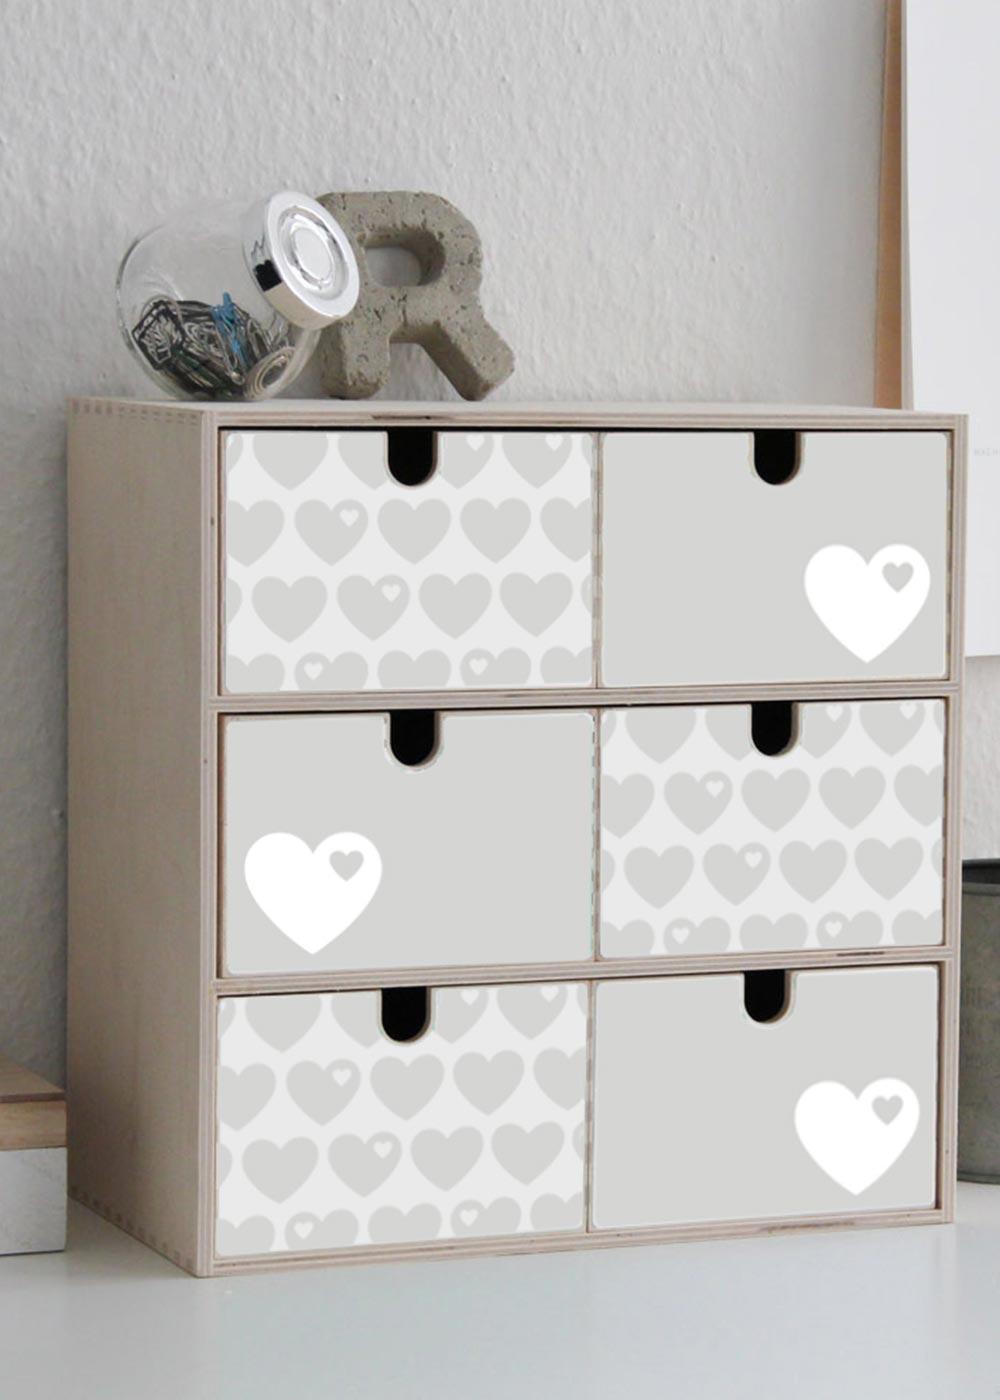 Klebefolie ByGraziela Mini Moppe grau Herz Einrichtungsbeispiel Seitenansicht